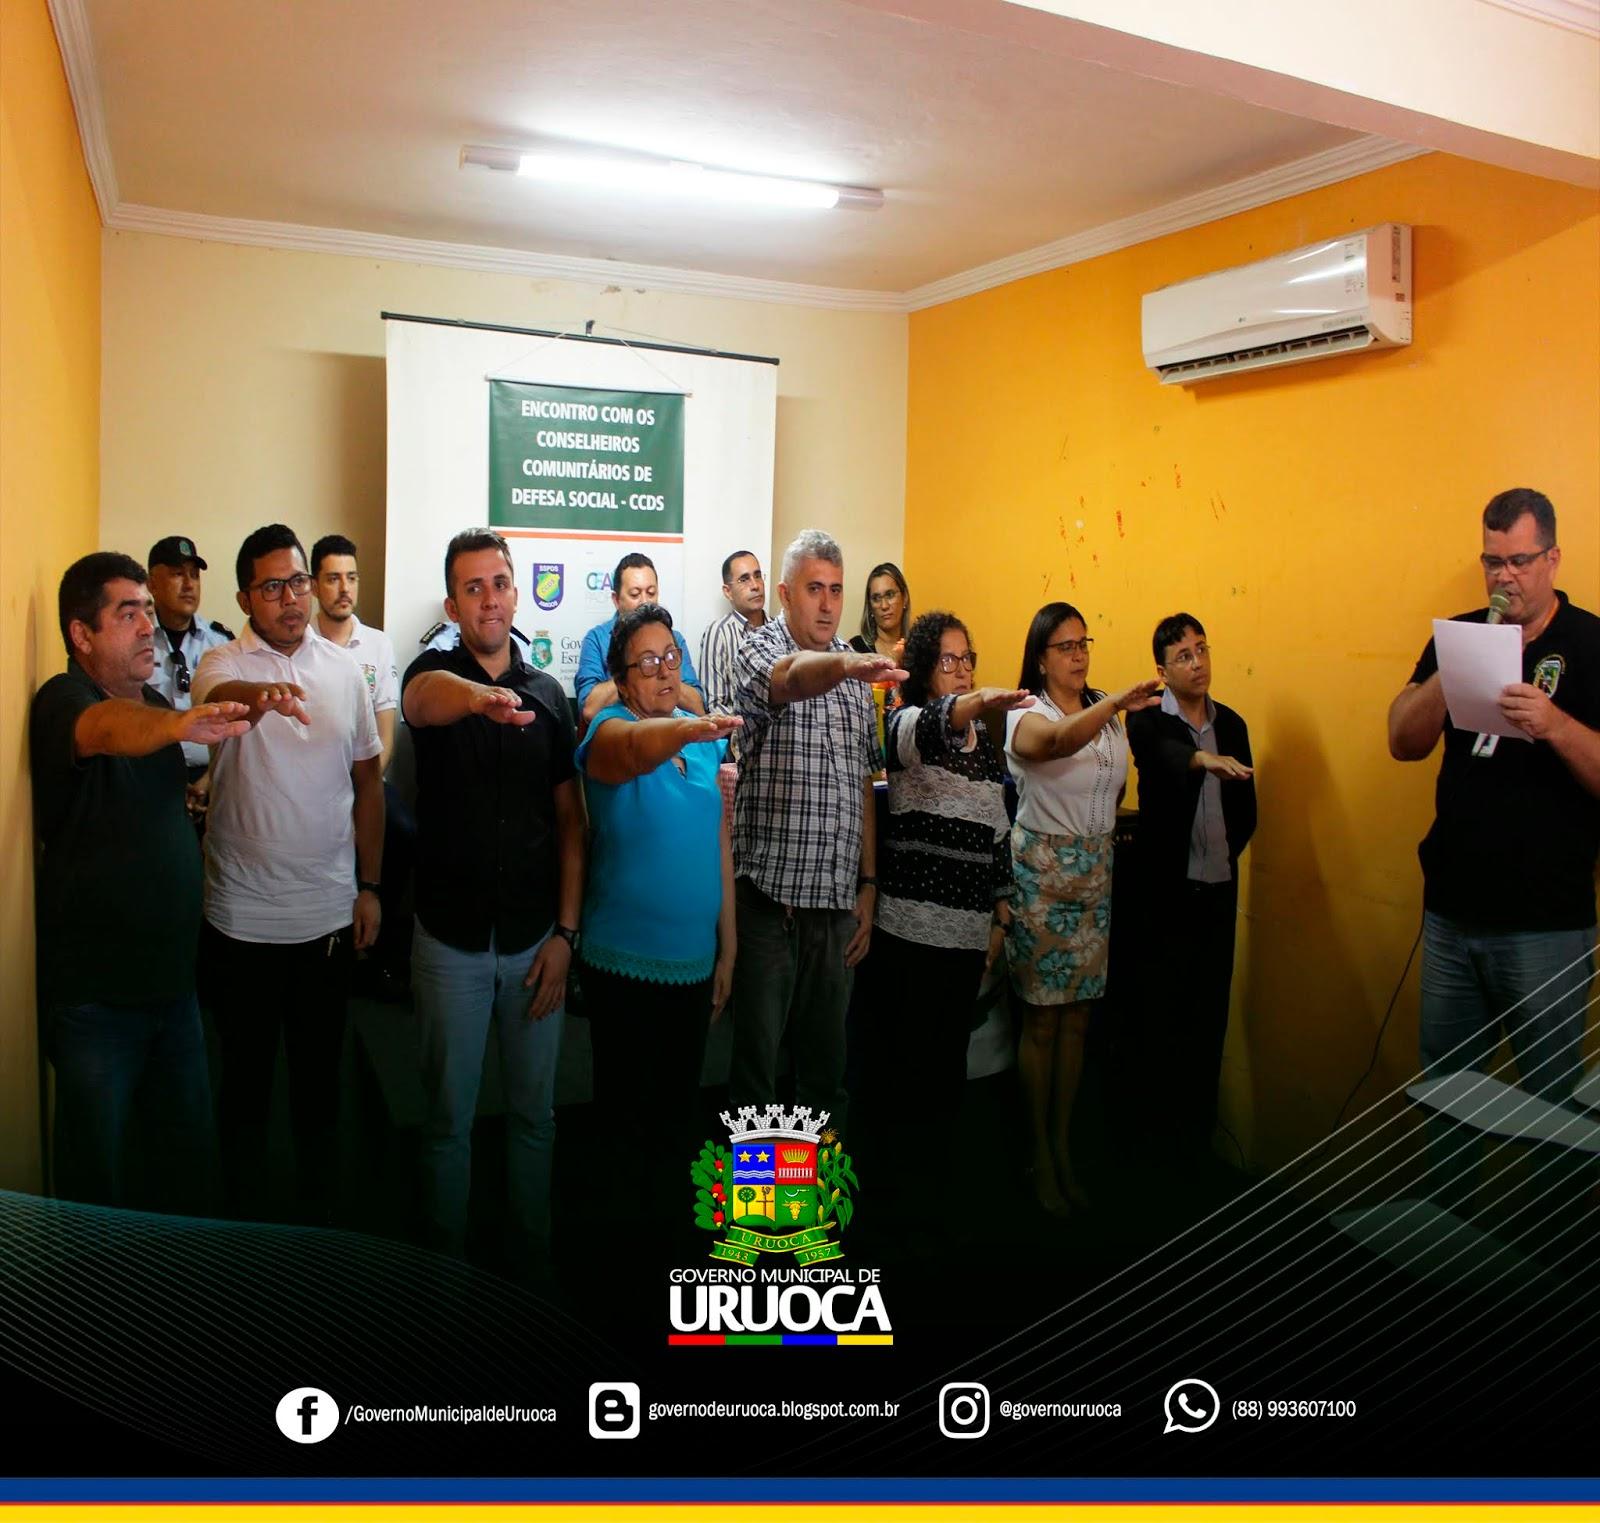 URUOCA AGORA CONTA COM O CONSELHO COMUNITÁRIO DE DEFESA SOCIAL